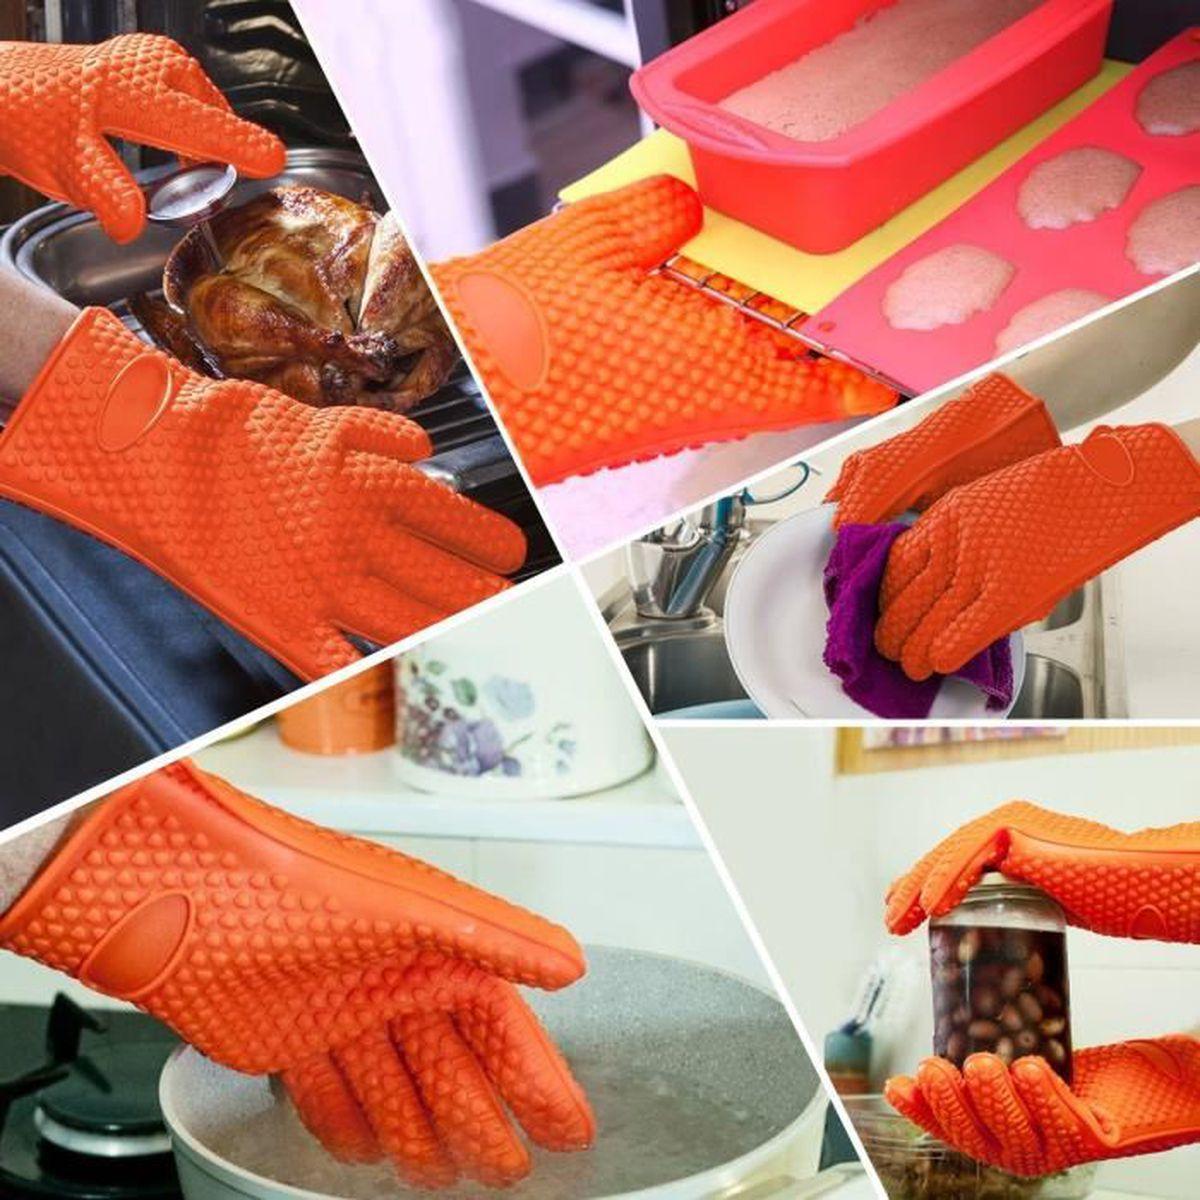 Slemon paire gants de cuisine en silicone anti chaleur - Gant de cuisine anti chaleur ...